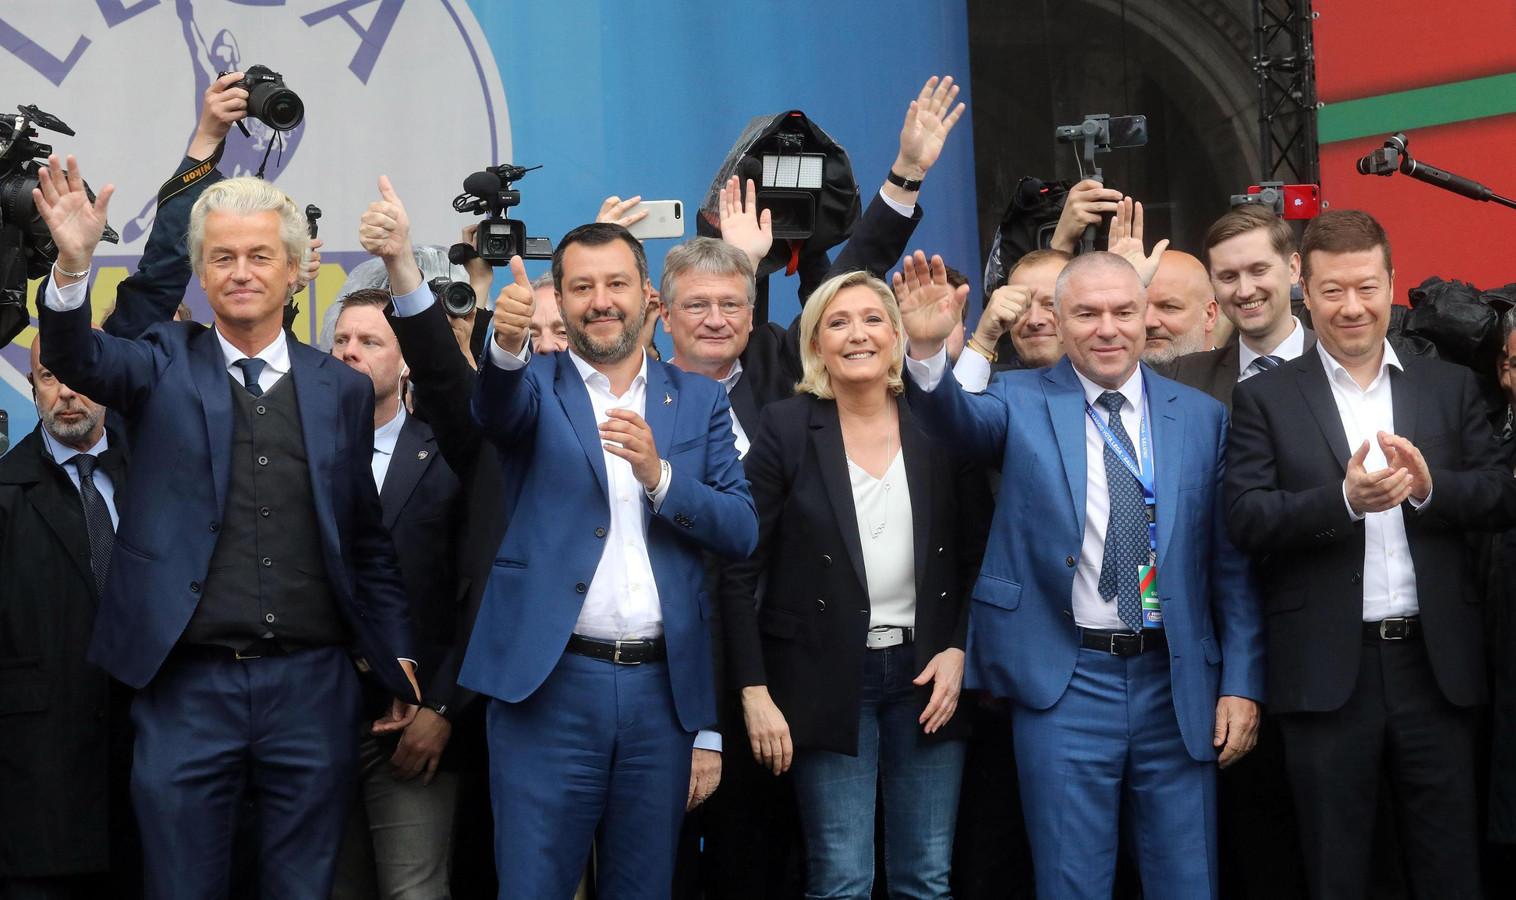 Geert Wilders (l) tijdens een bijeenkomst in Milaan van Europese populistische partijen. Naast hem de Italiaanse Lega-leider Matteo Salvini en Marine Le Pen van Rassemblement National, voorheen bekend als Front National.